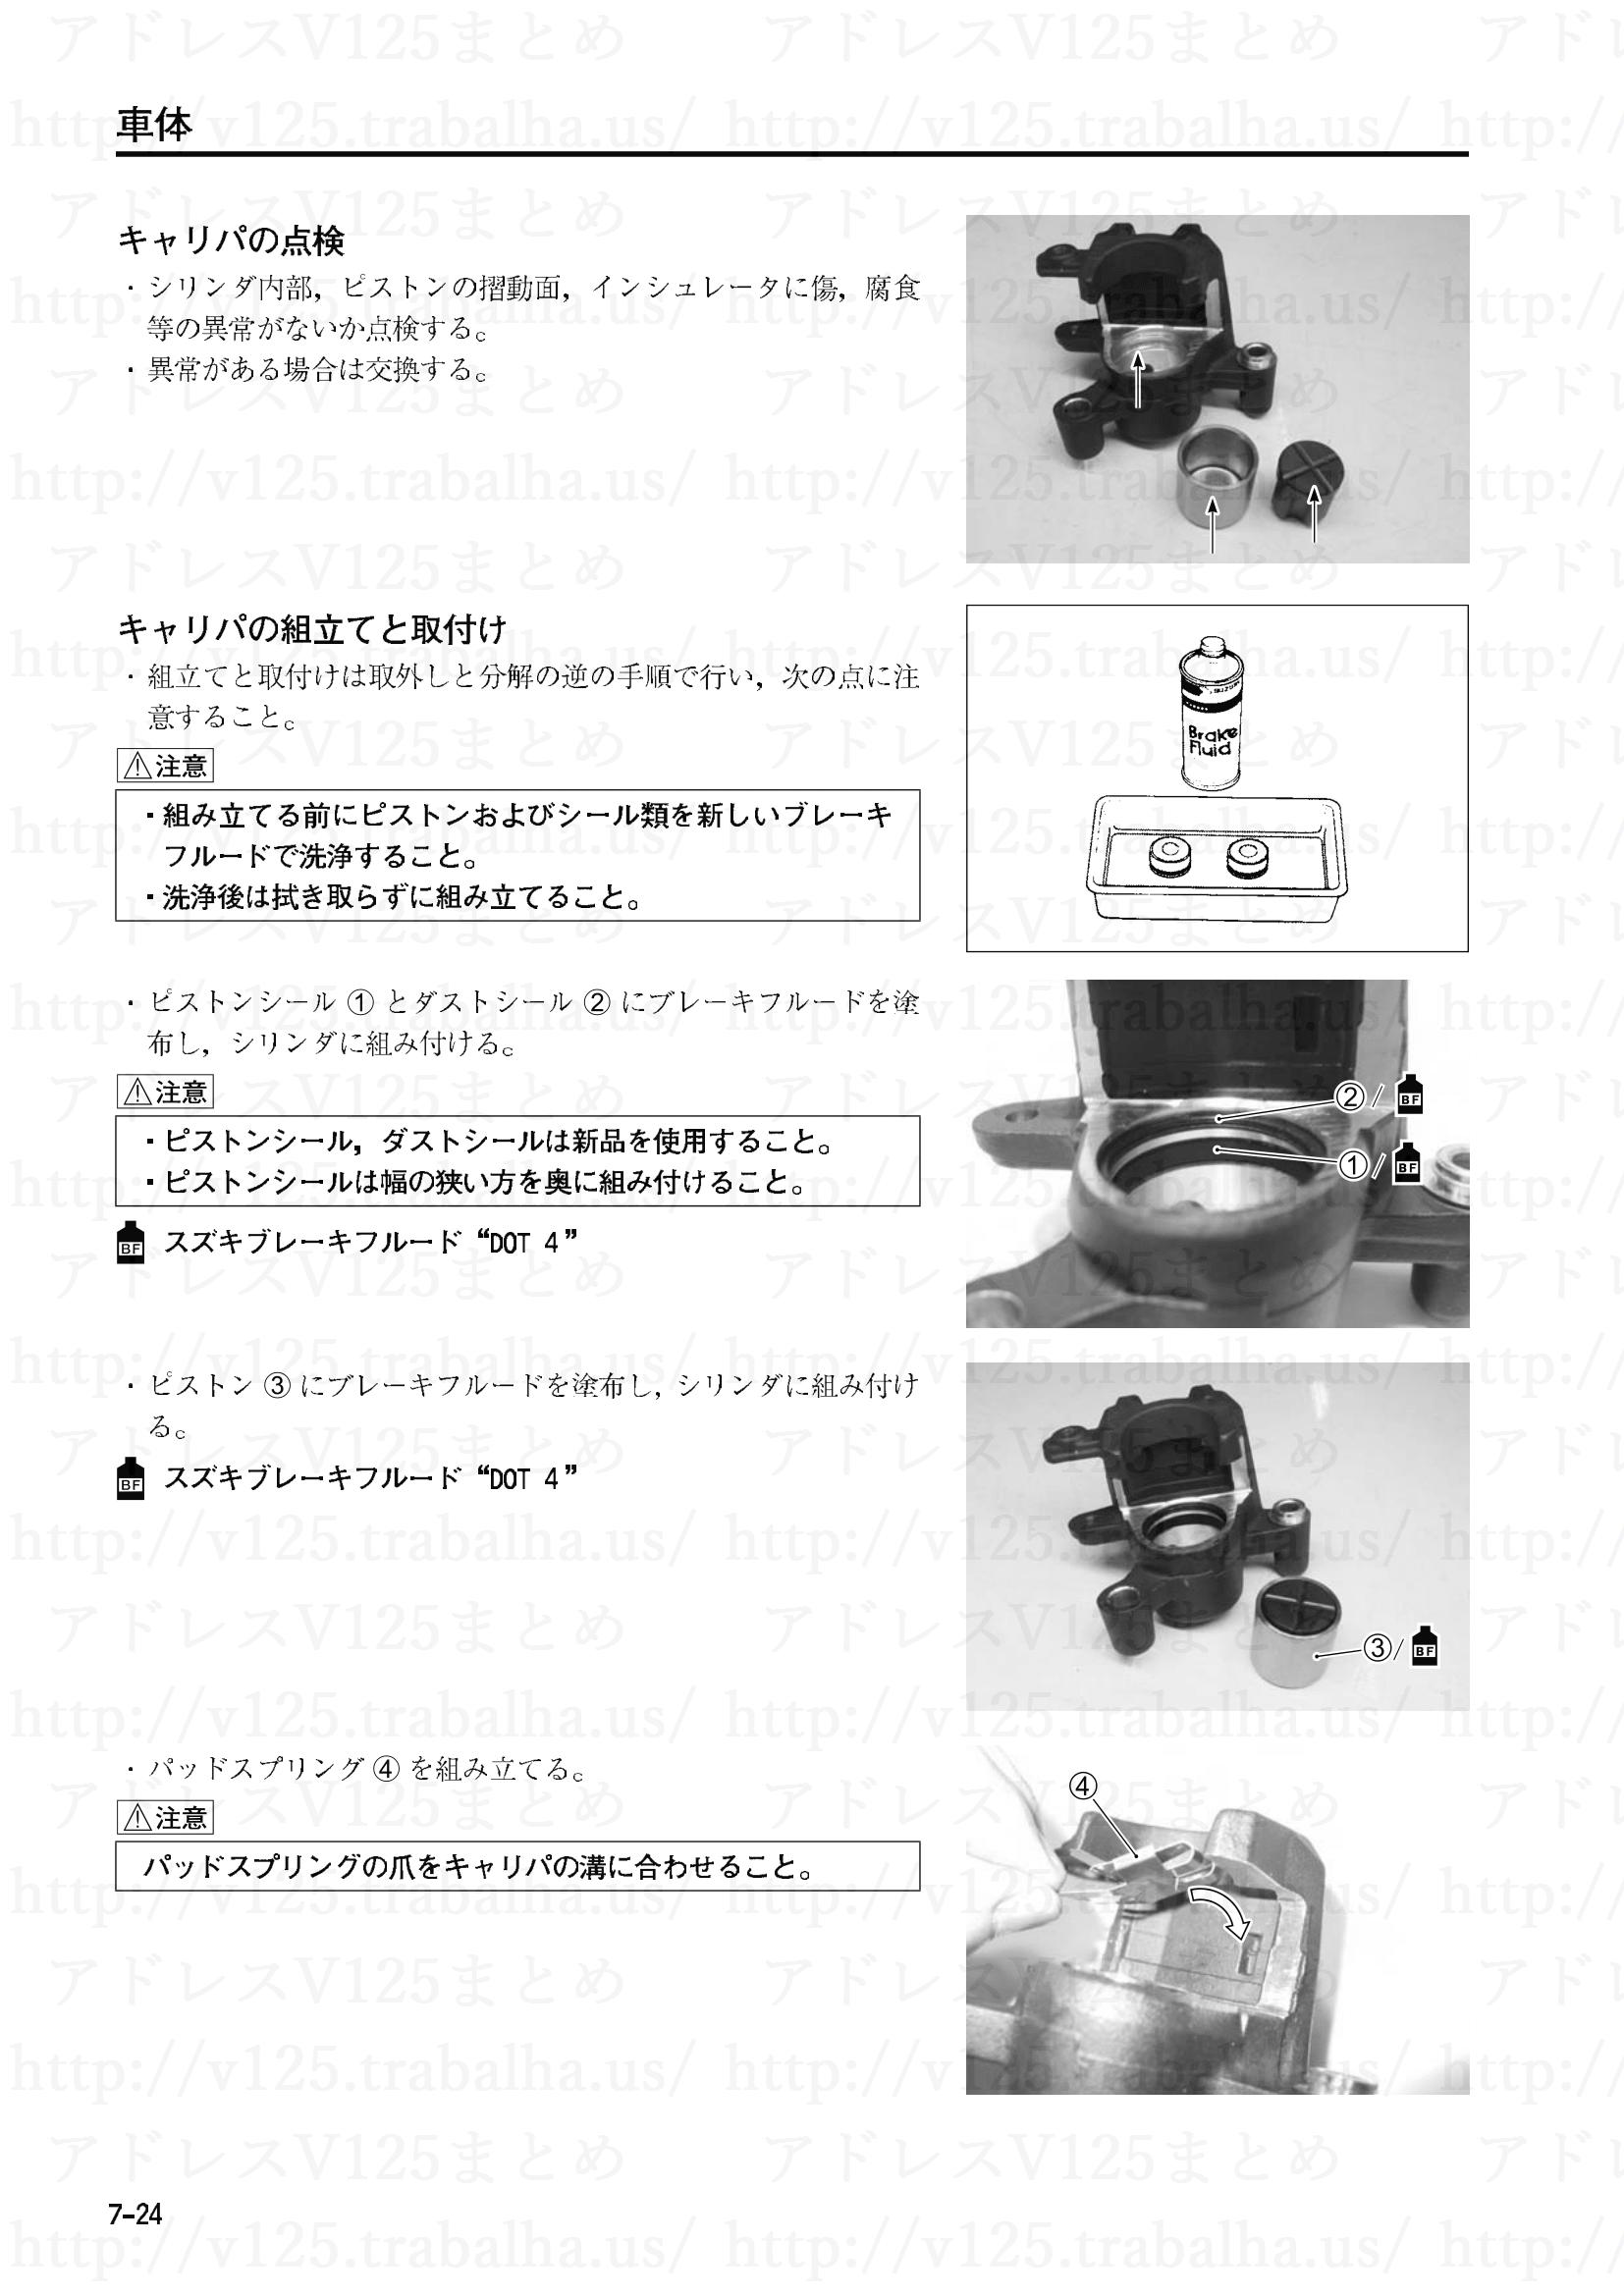 7-24【車体】キャリパの点検1